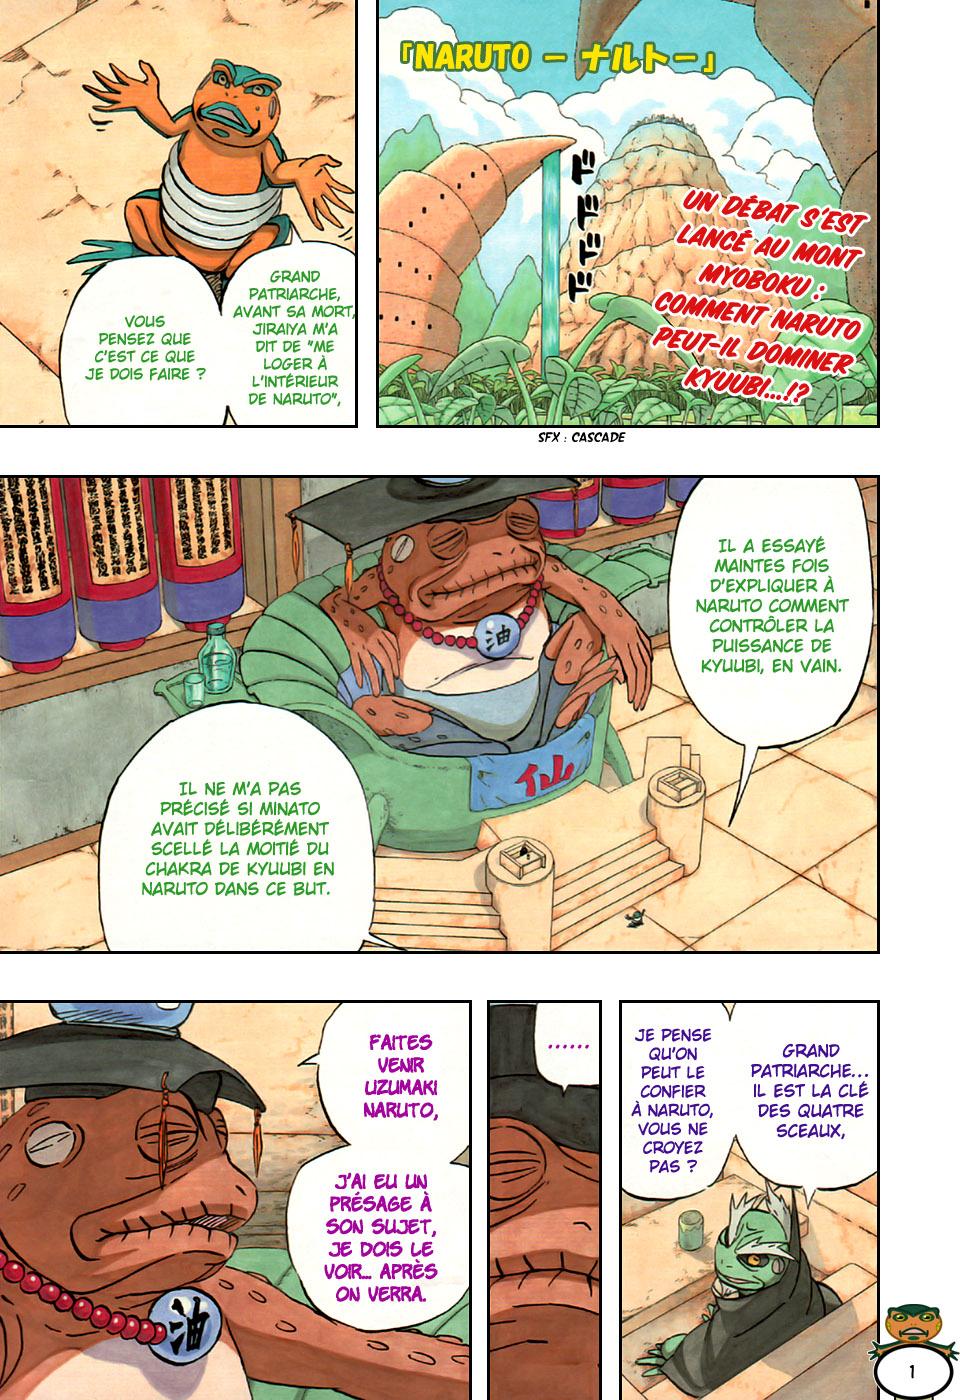 Naruto chapitre 489 - Page 1